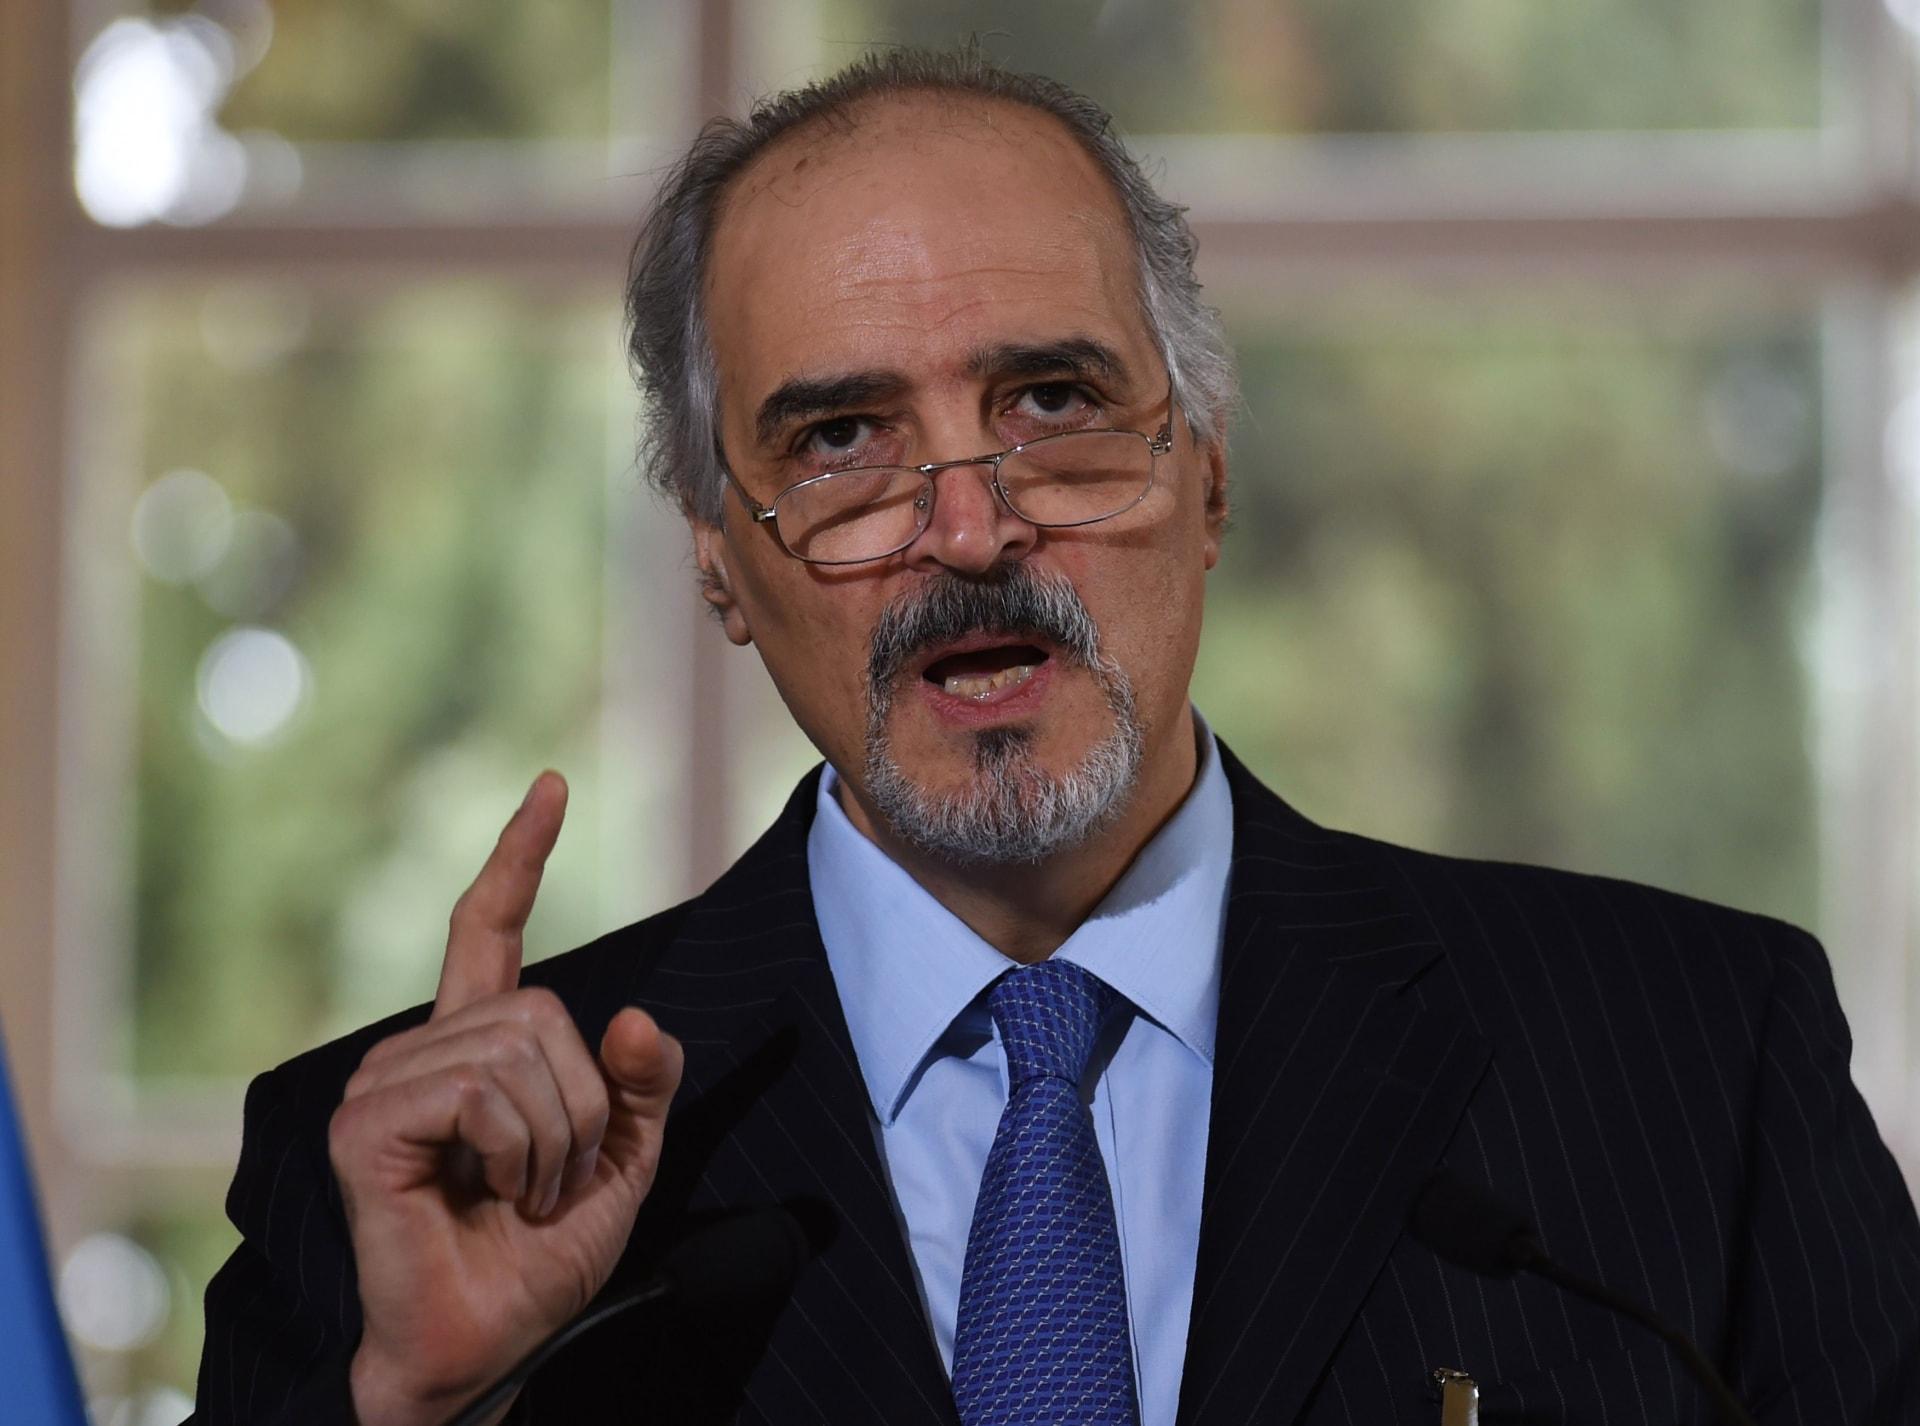 الجعفري من جنيف: لا يحق لأحد احتكار تمثيل المعارضة ونتعامل مع عدة معارضات وليس واحدة